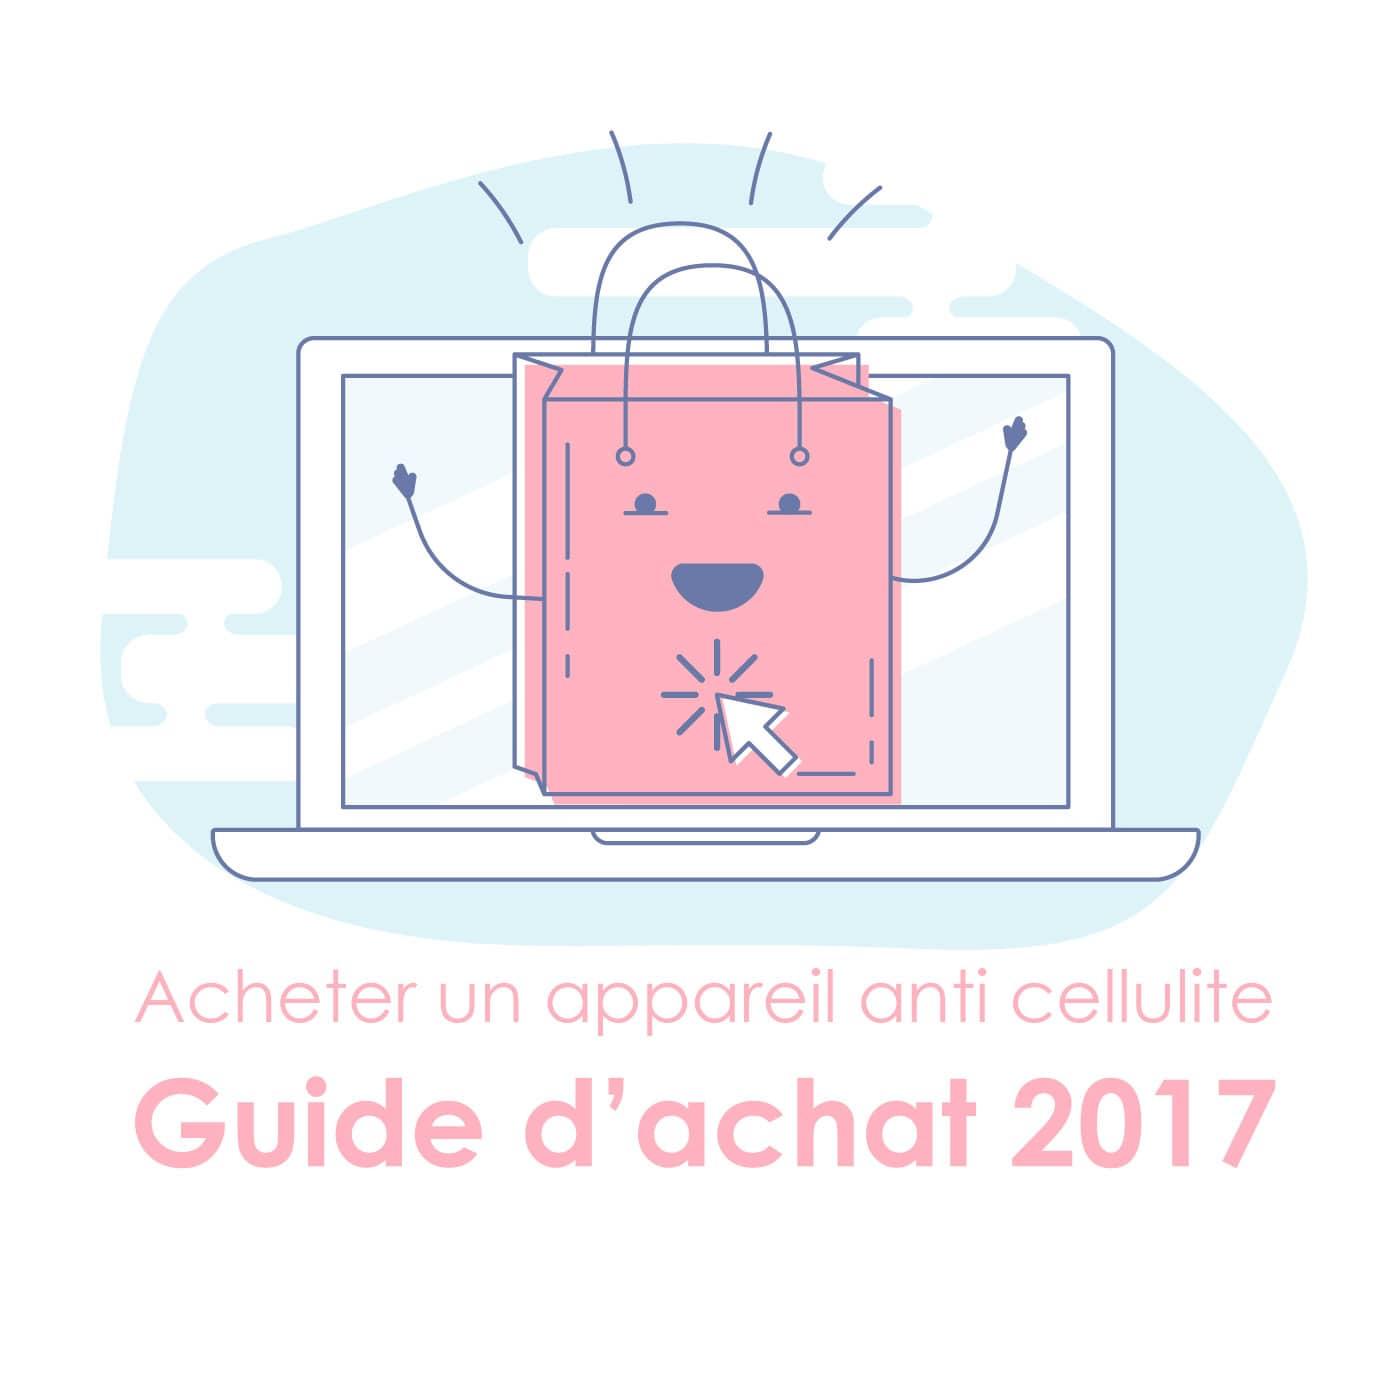 Guide d'achat et comparatif masseur et appareil anti cellulite 2017